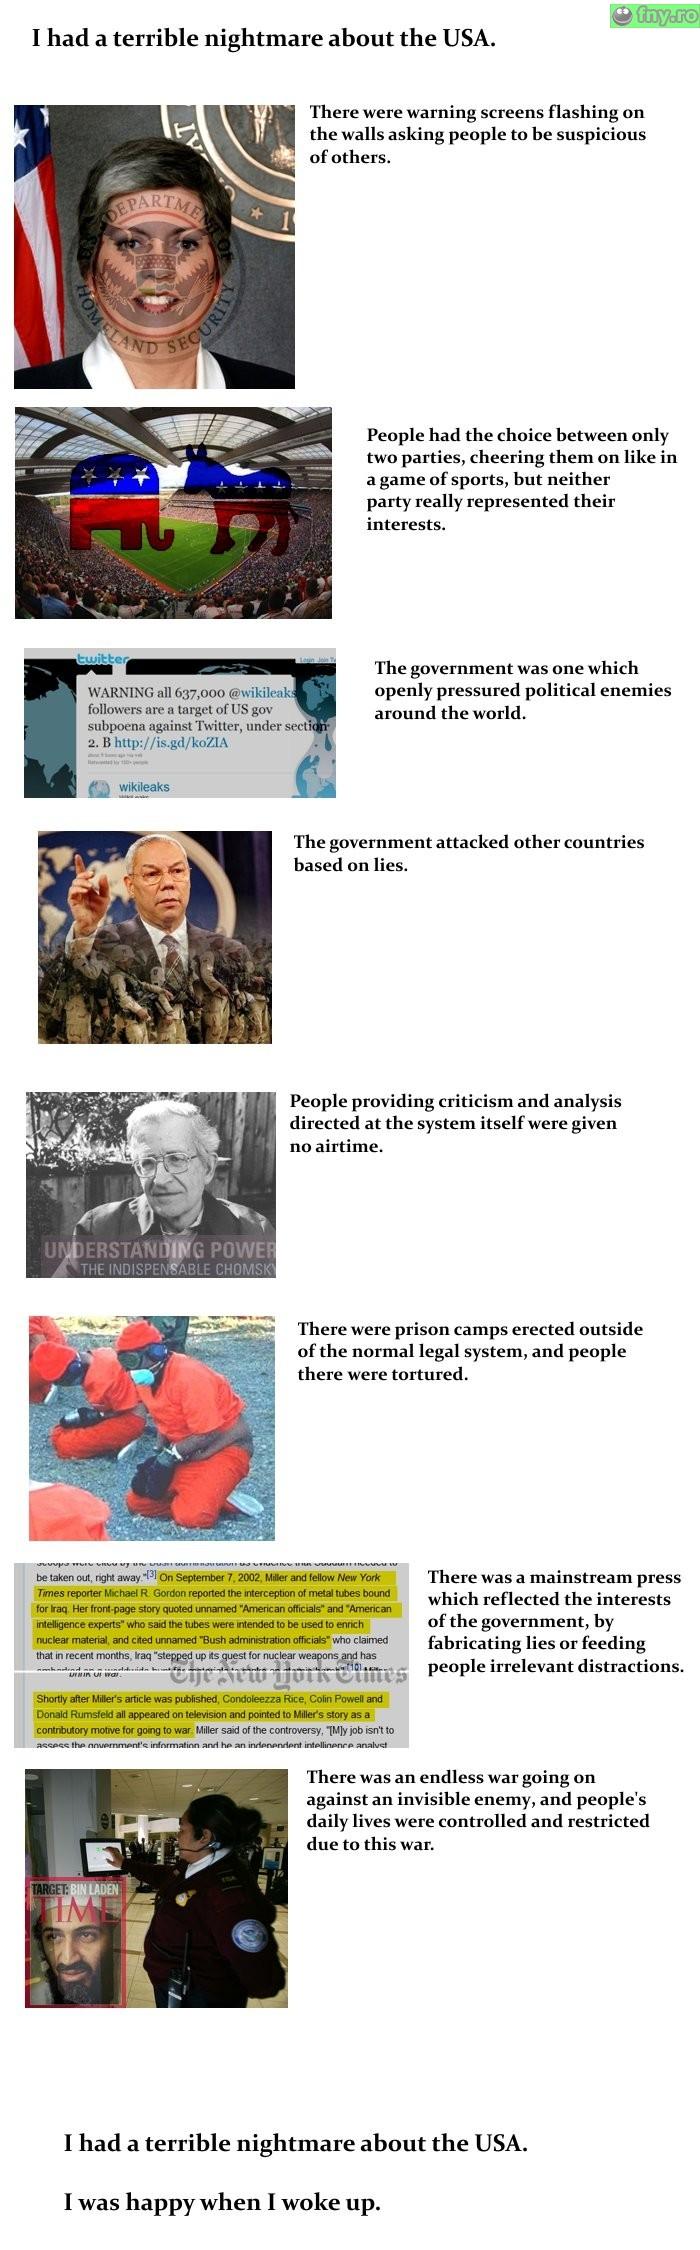 Realitatea din SUA imagini haioase